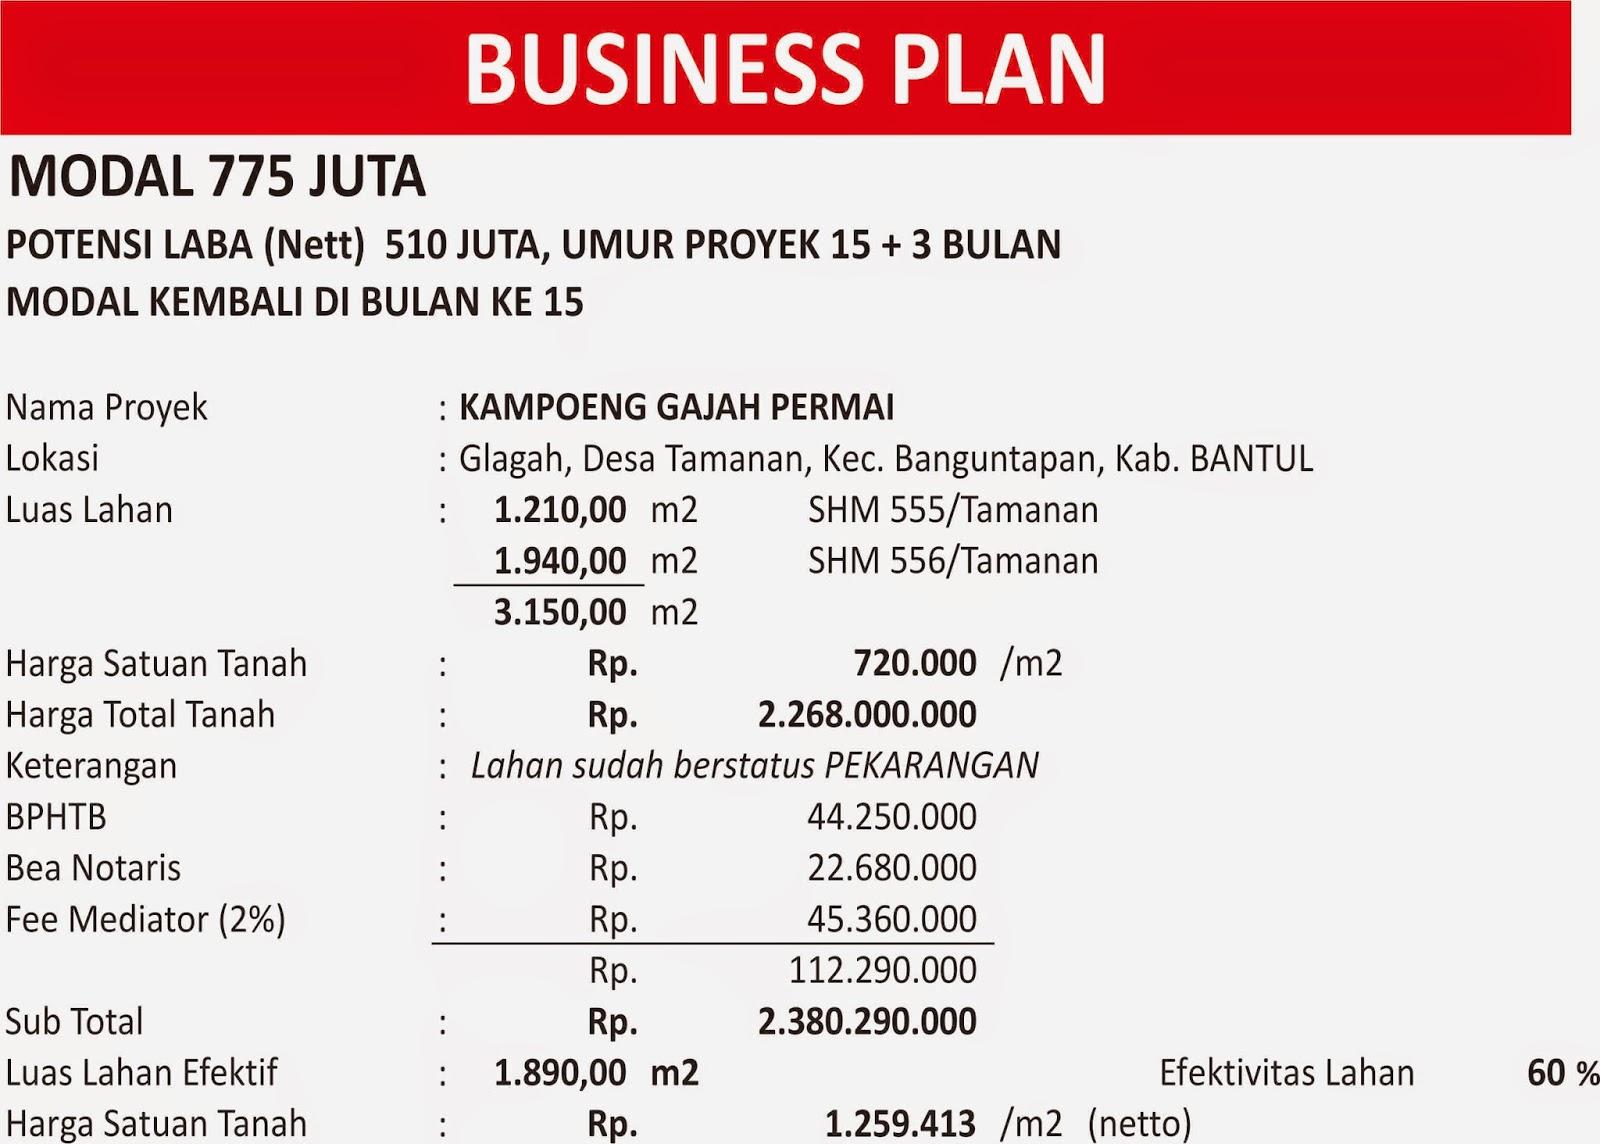 Cara menyusun business plan rumah sakit - Alamat Kantor